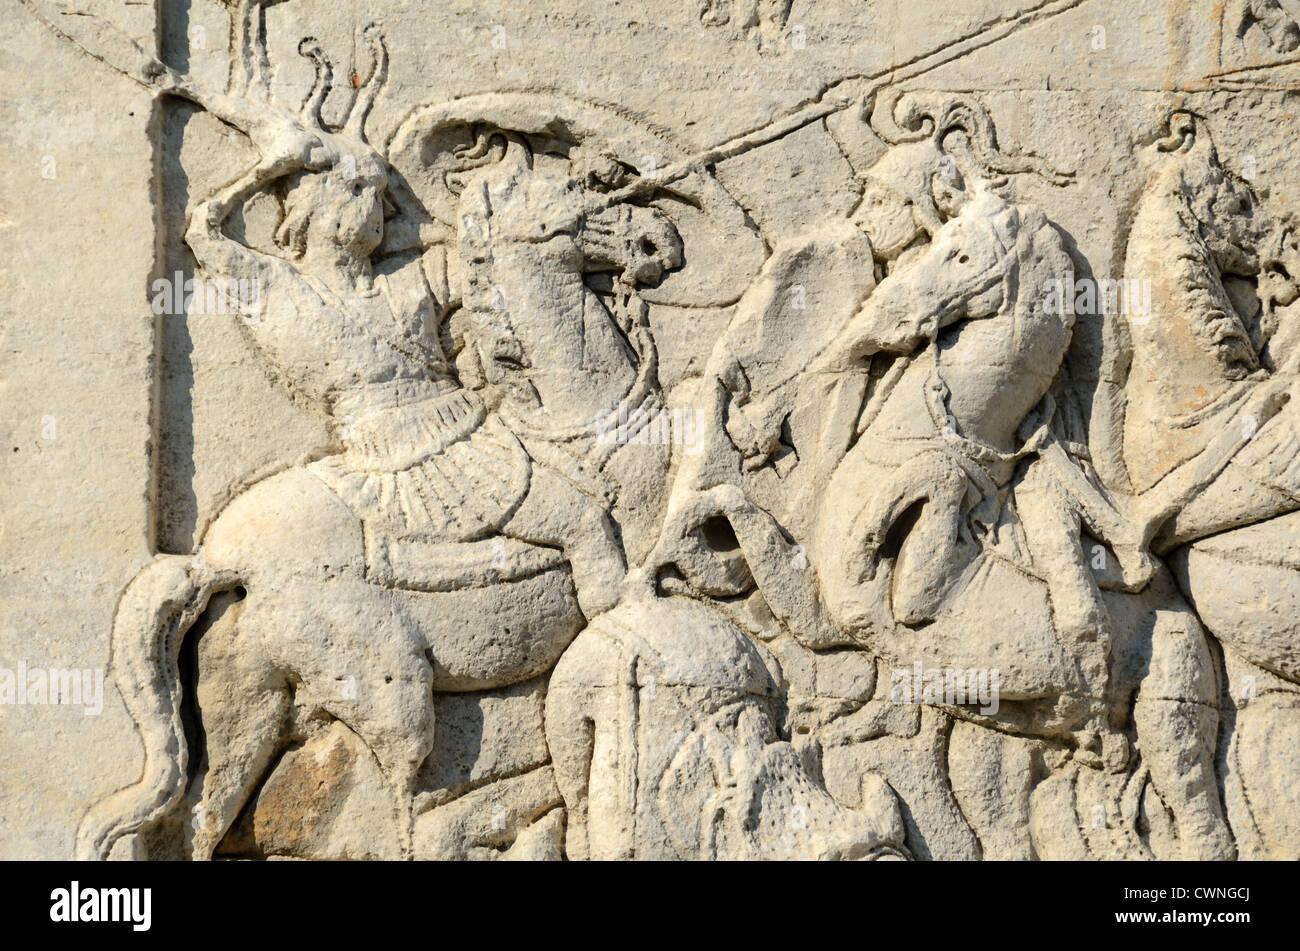 Roman Soldiers in Battle Scene on Mausoleum of Julii (c40BC) Glanum Roman Town City or Remains Saint Rémy de - Stock Image